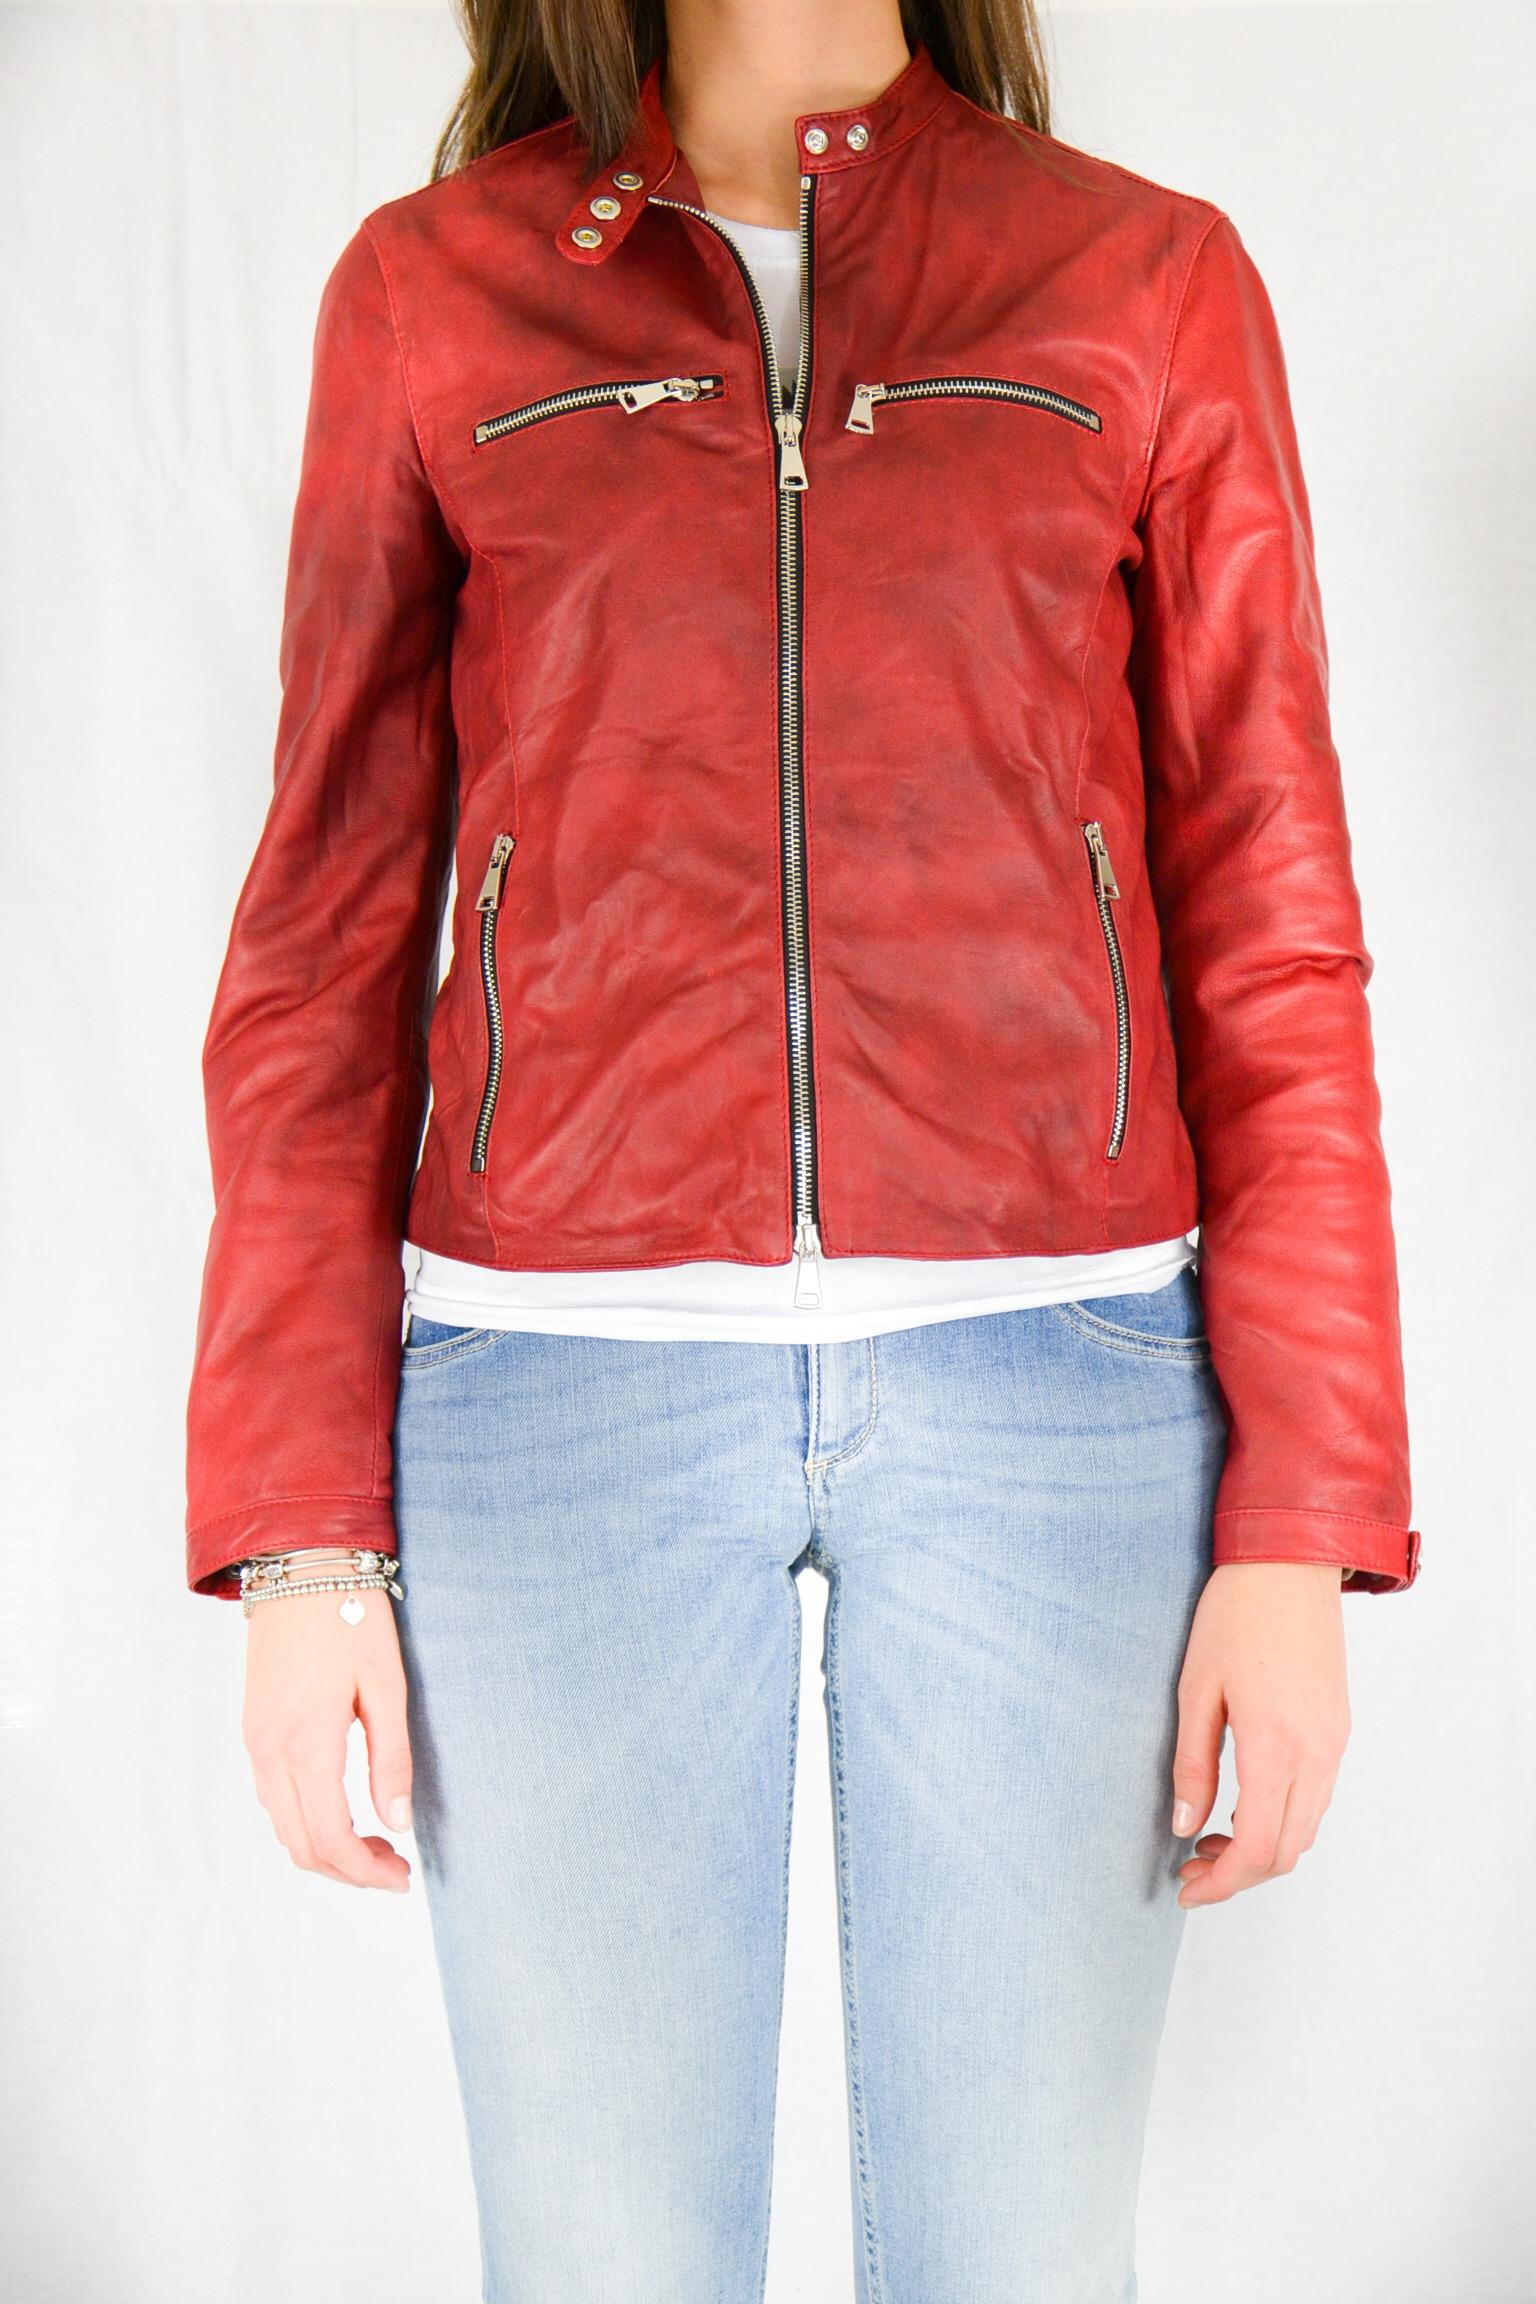 cheaper fc311 58d06 GIUBBINO PELLE BIKER ROSSO Vintage De Luxe - Sabi Abbigliamento